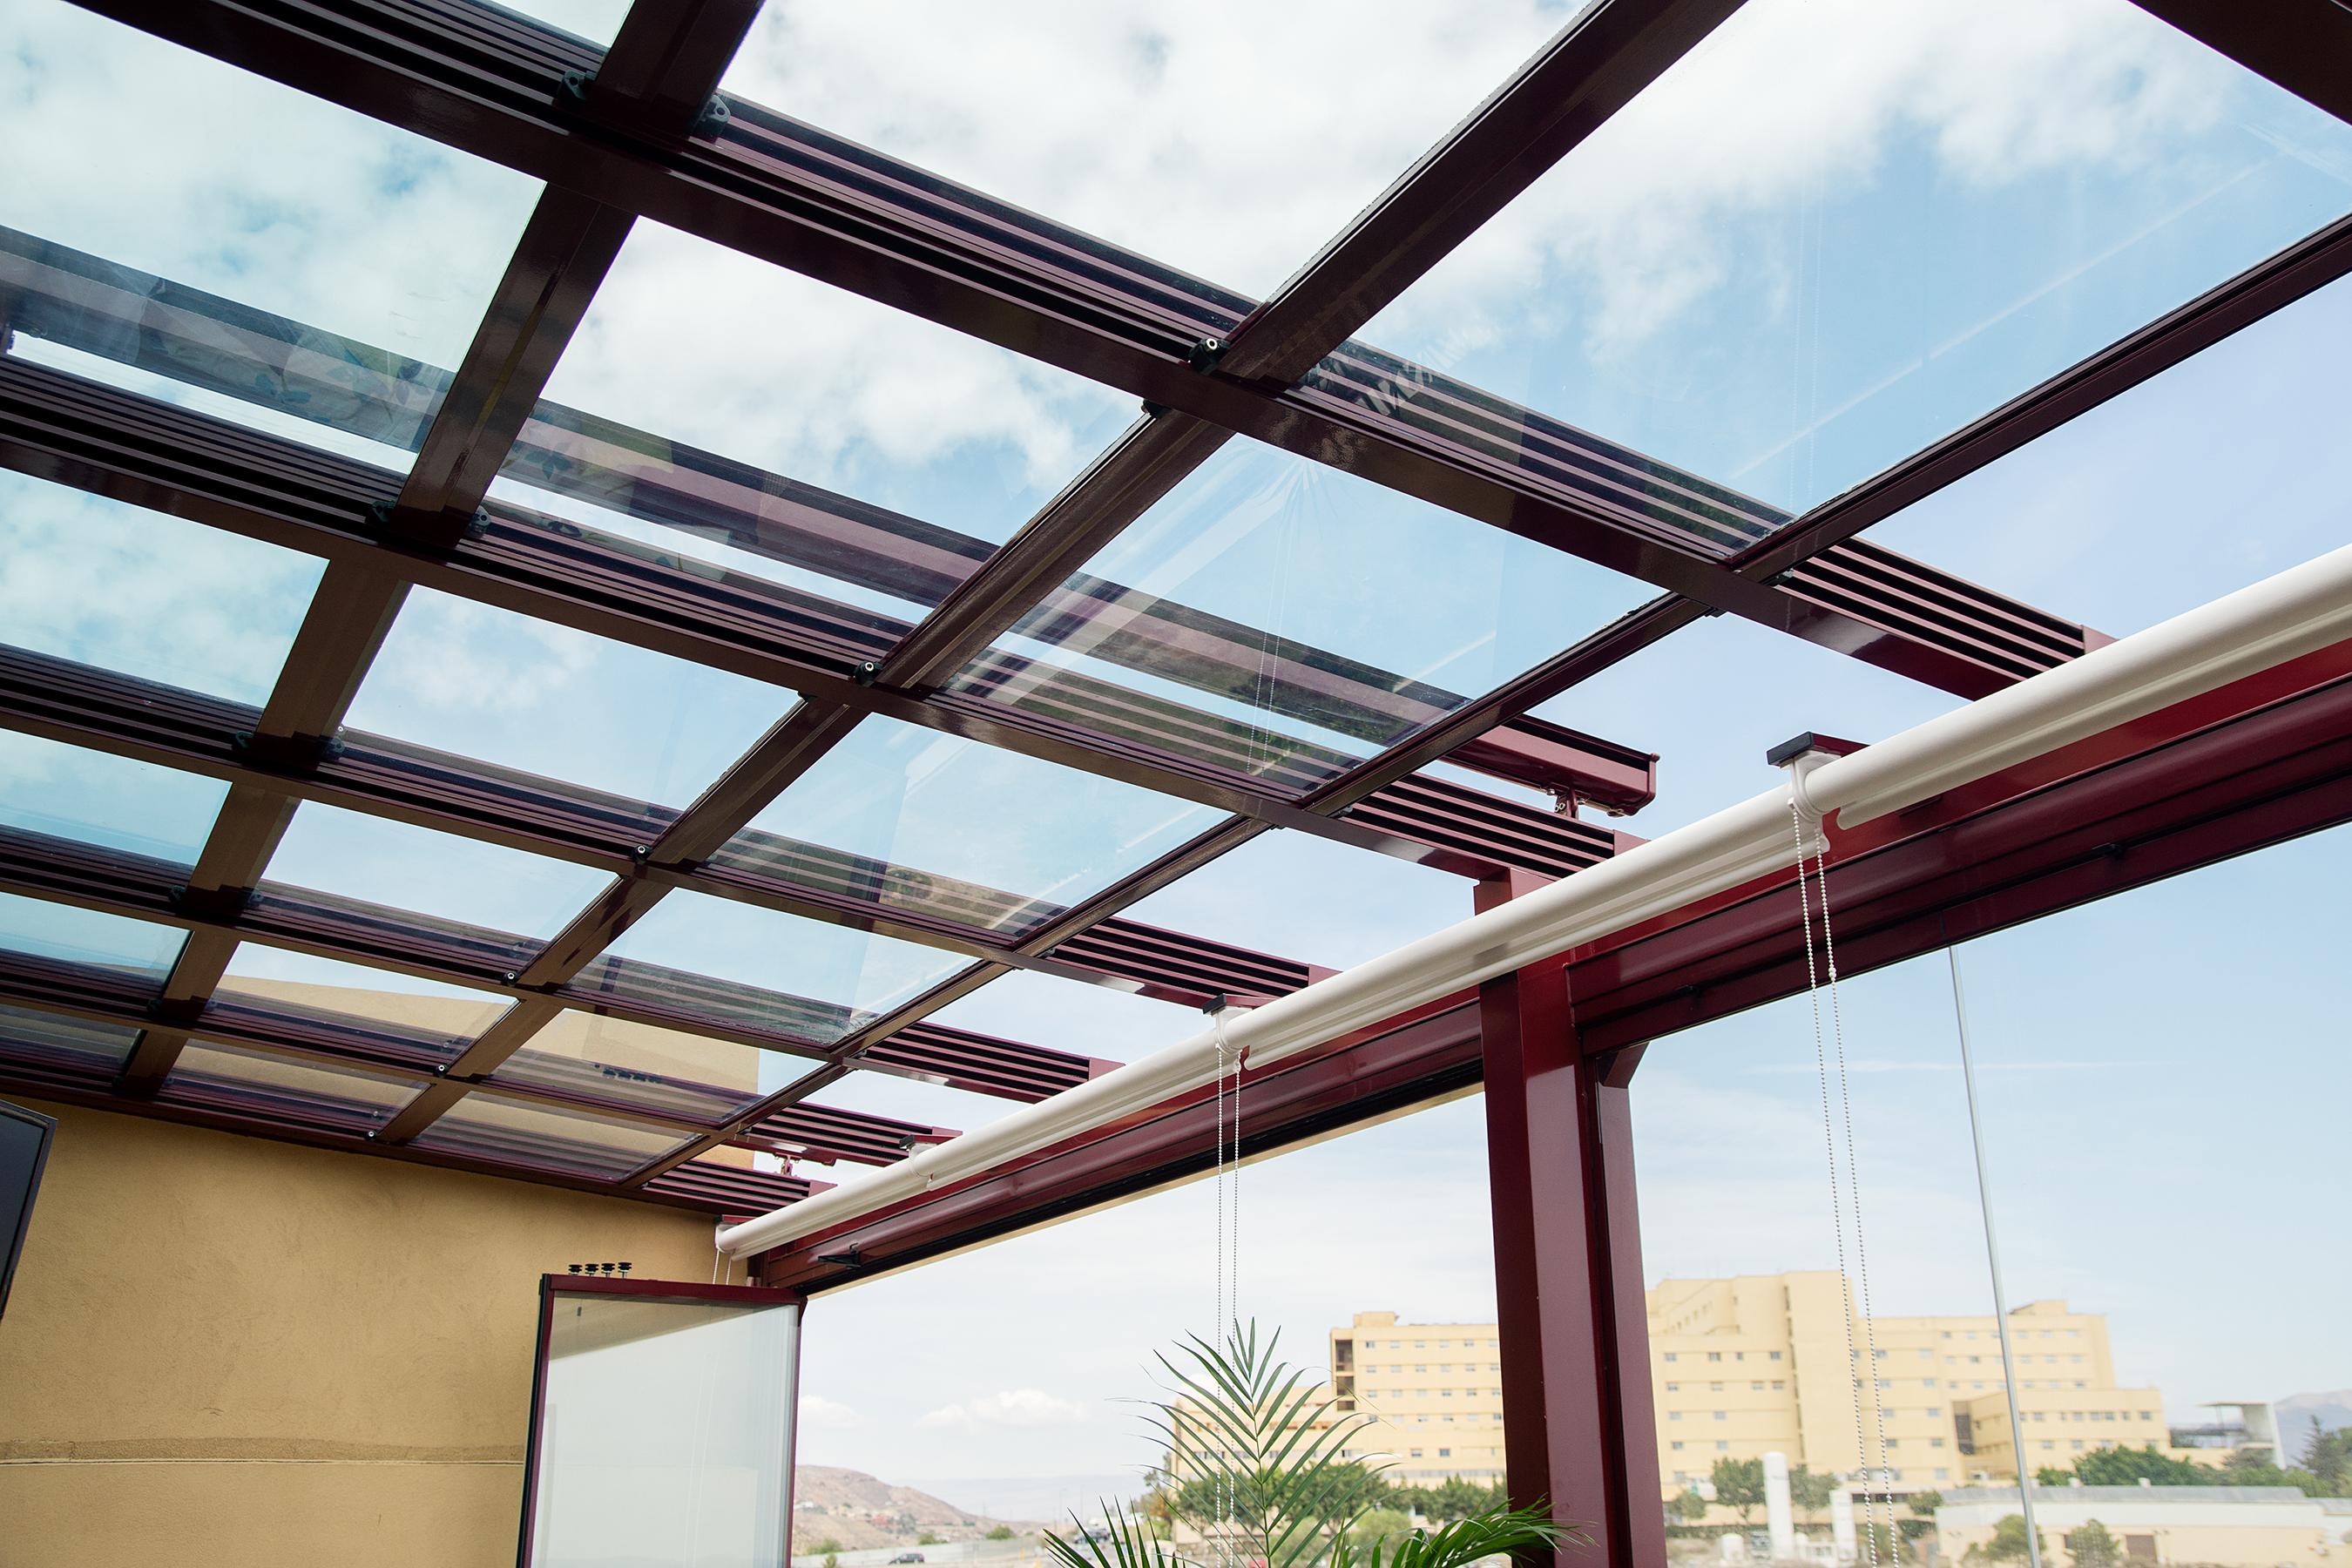 Techos moviles de cristal adraglass soluciones con vistas - Techos de cristal para terrazas ...